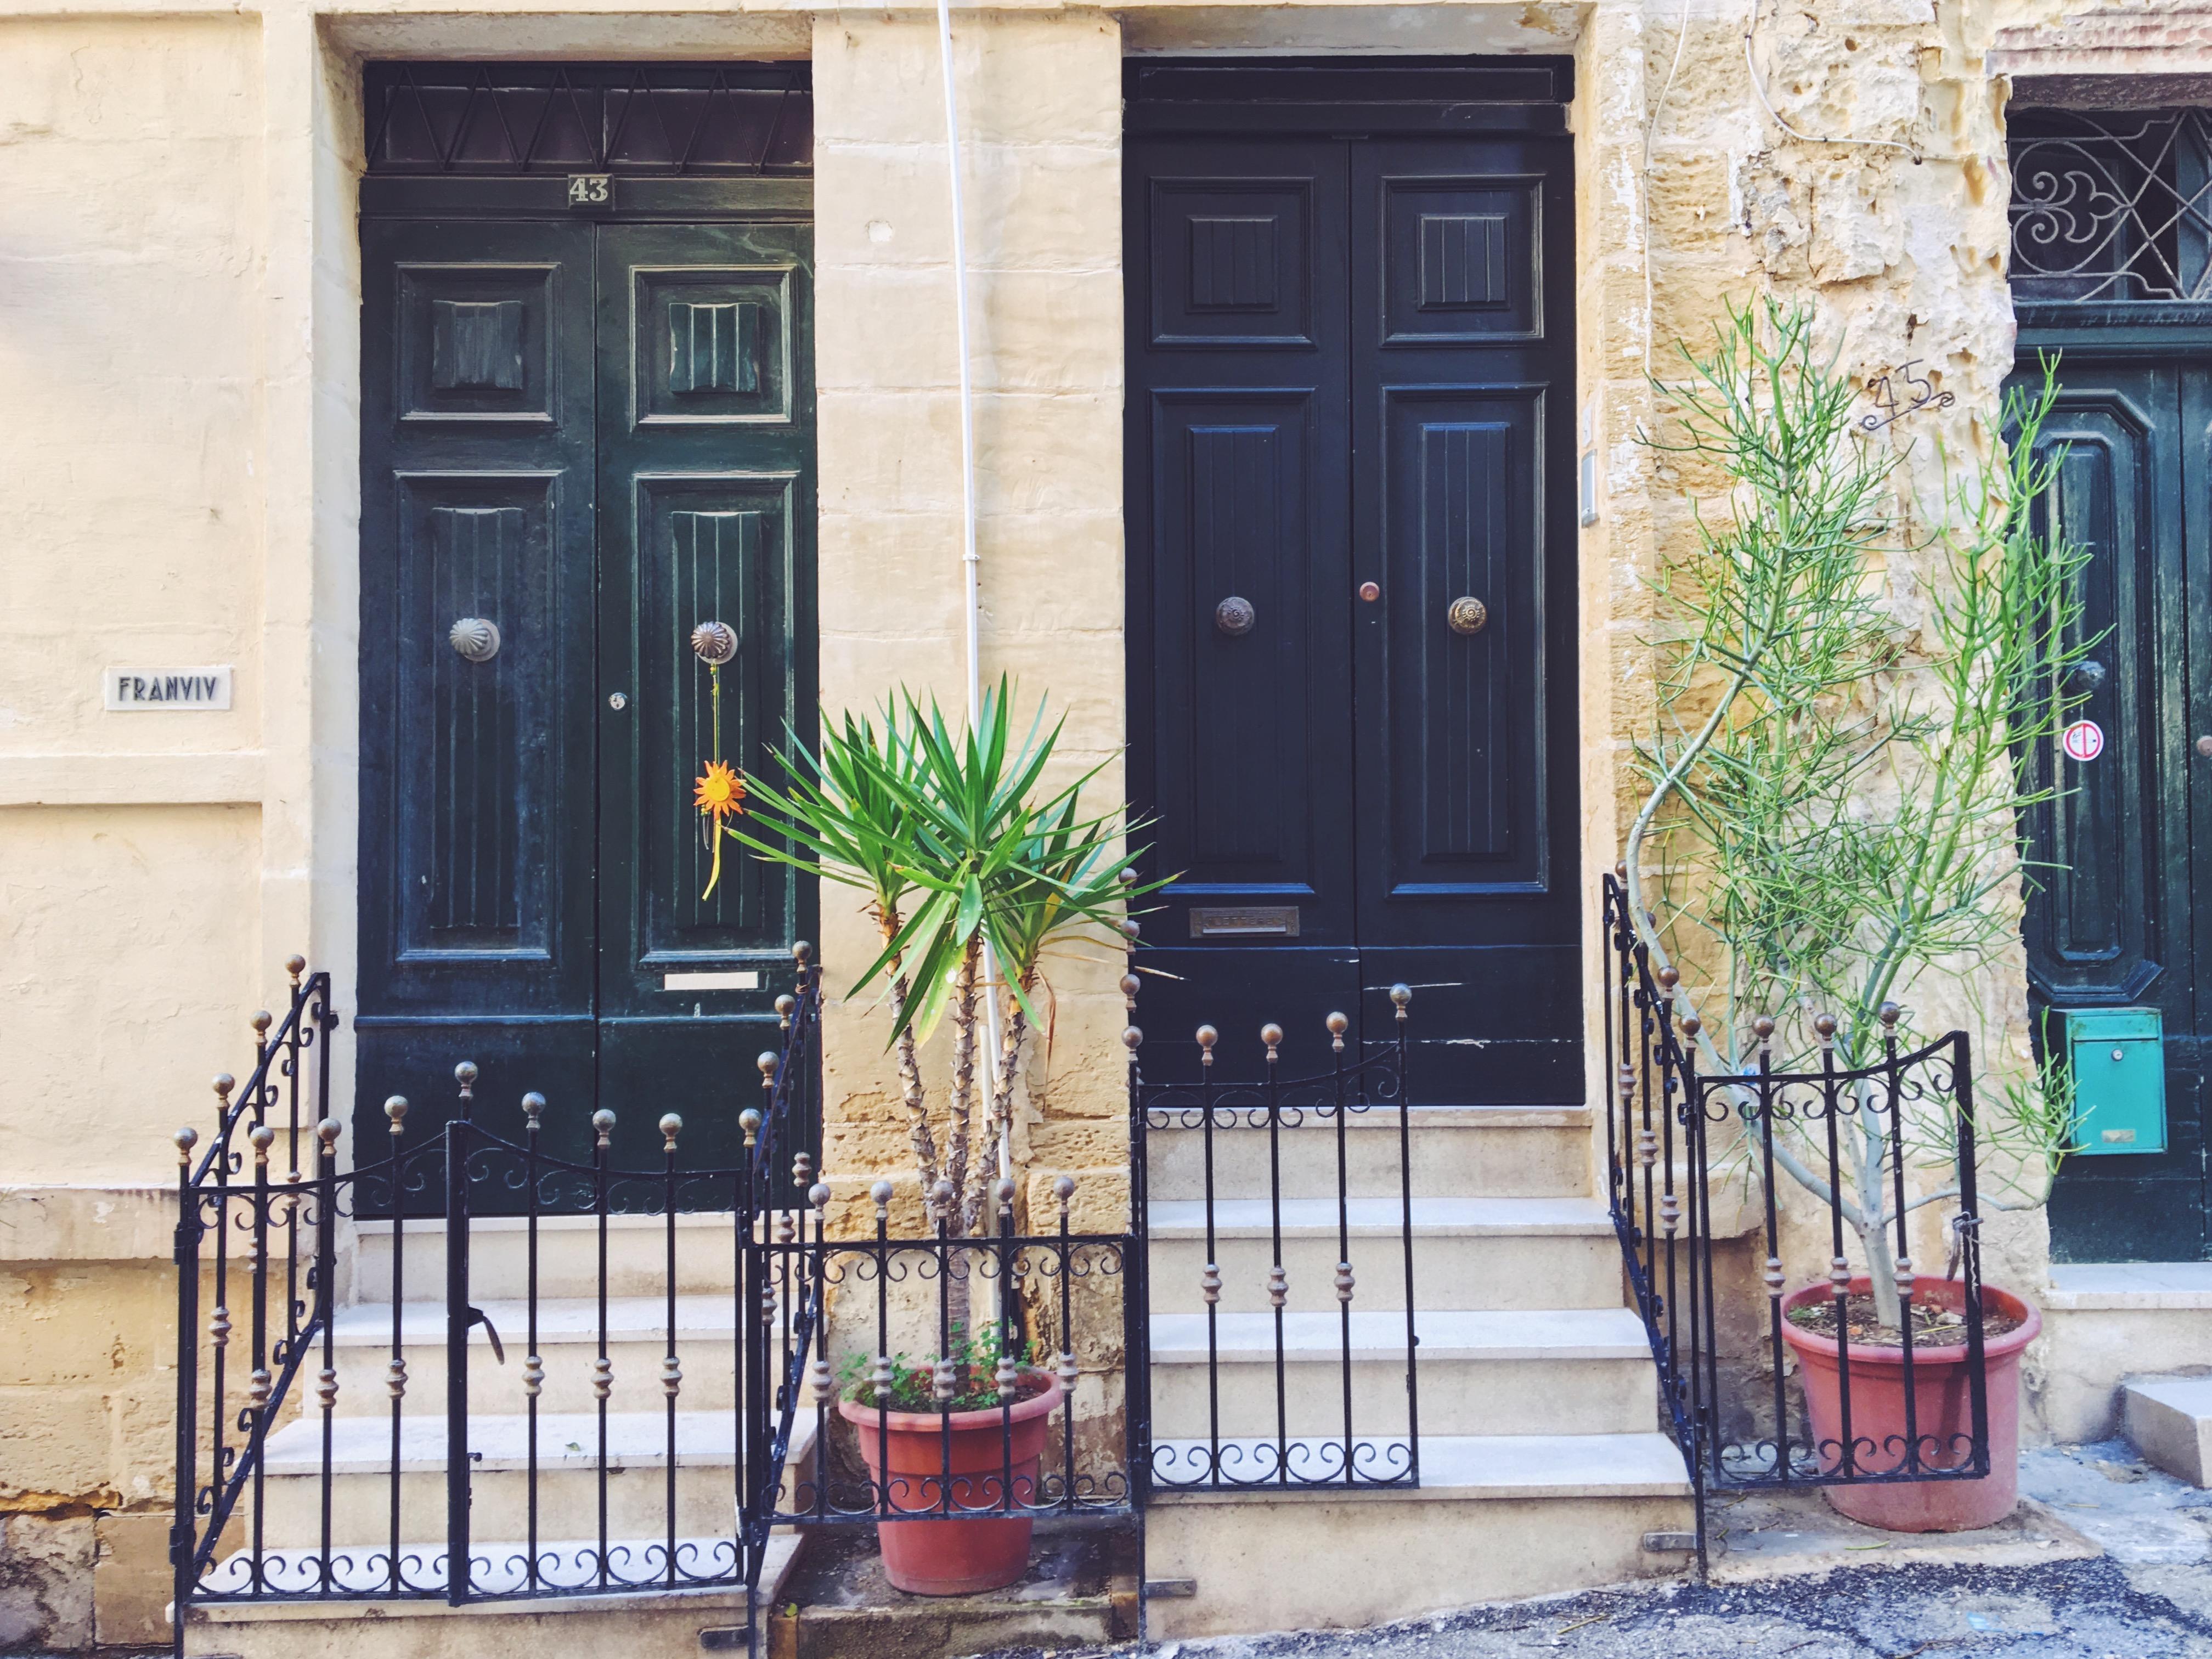 La casina di FranViv - i nomi delle case a malta